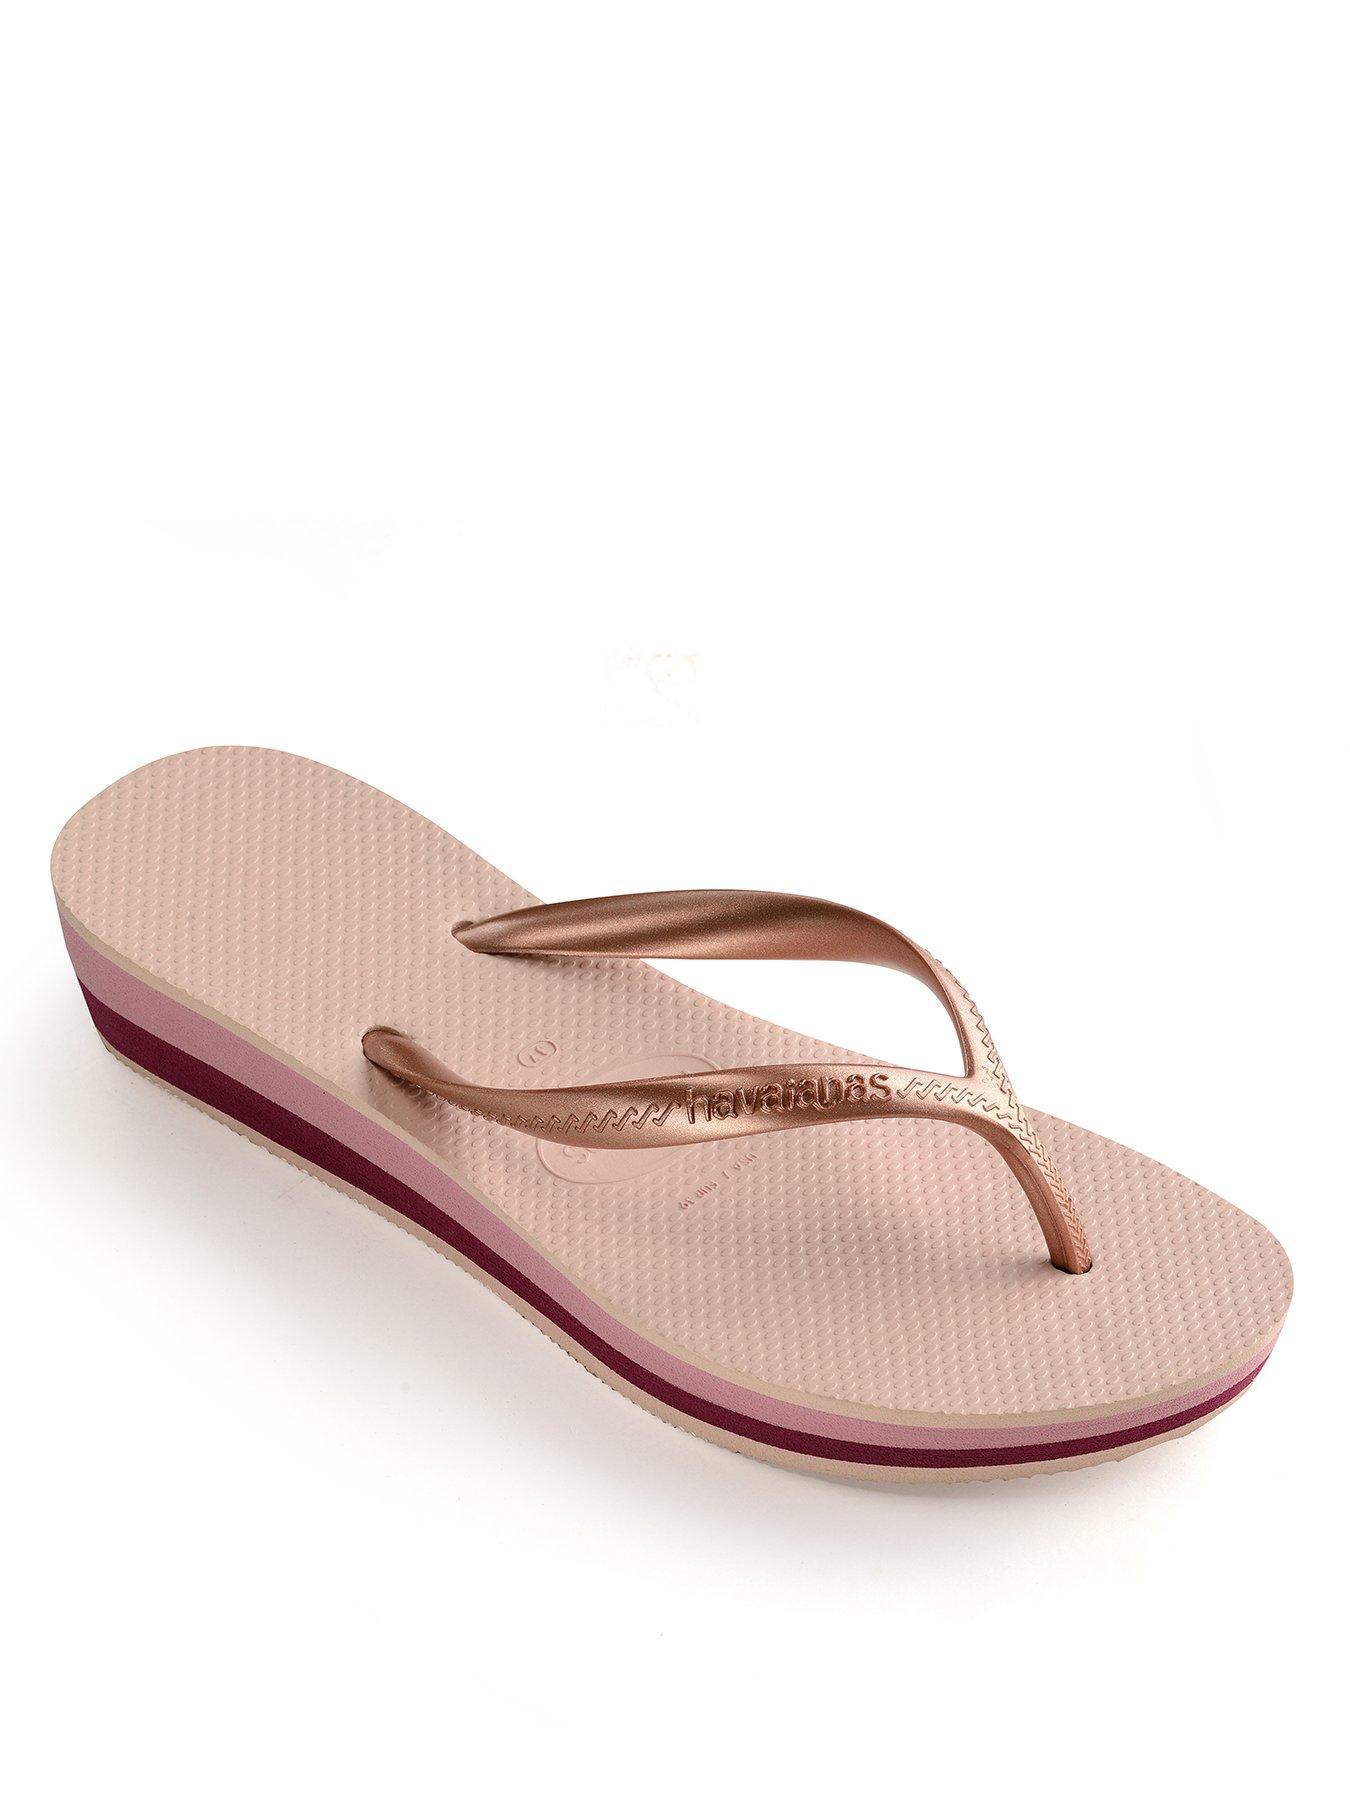 Ladies Spot On Pink Mule Slippers X2095